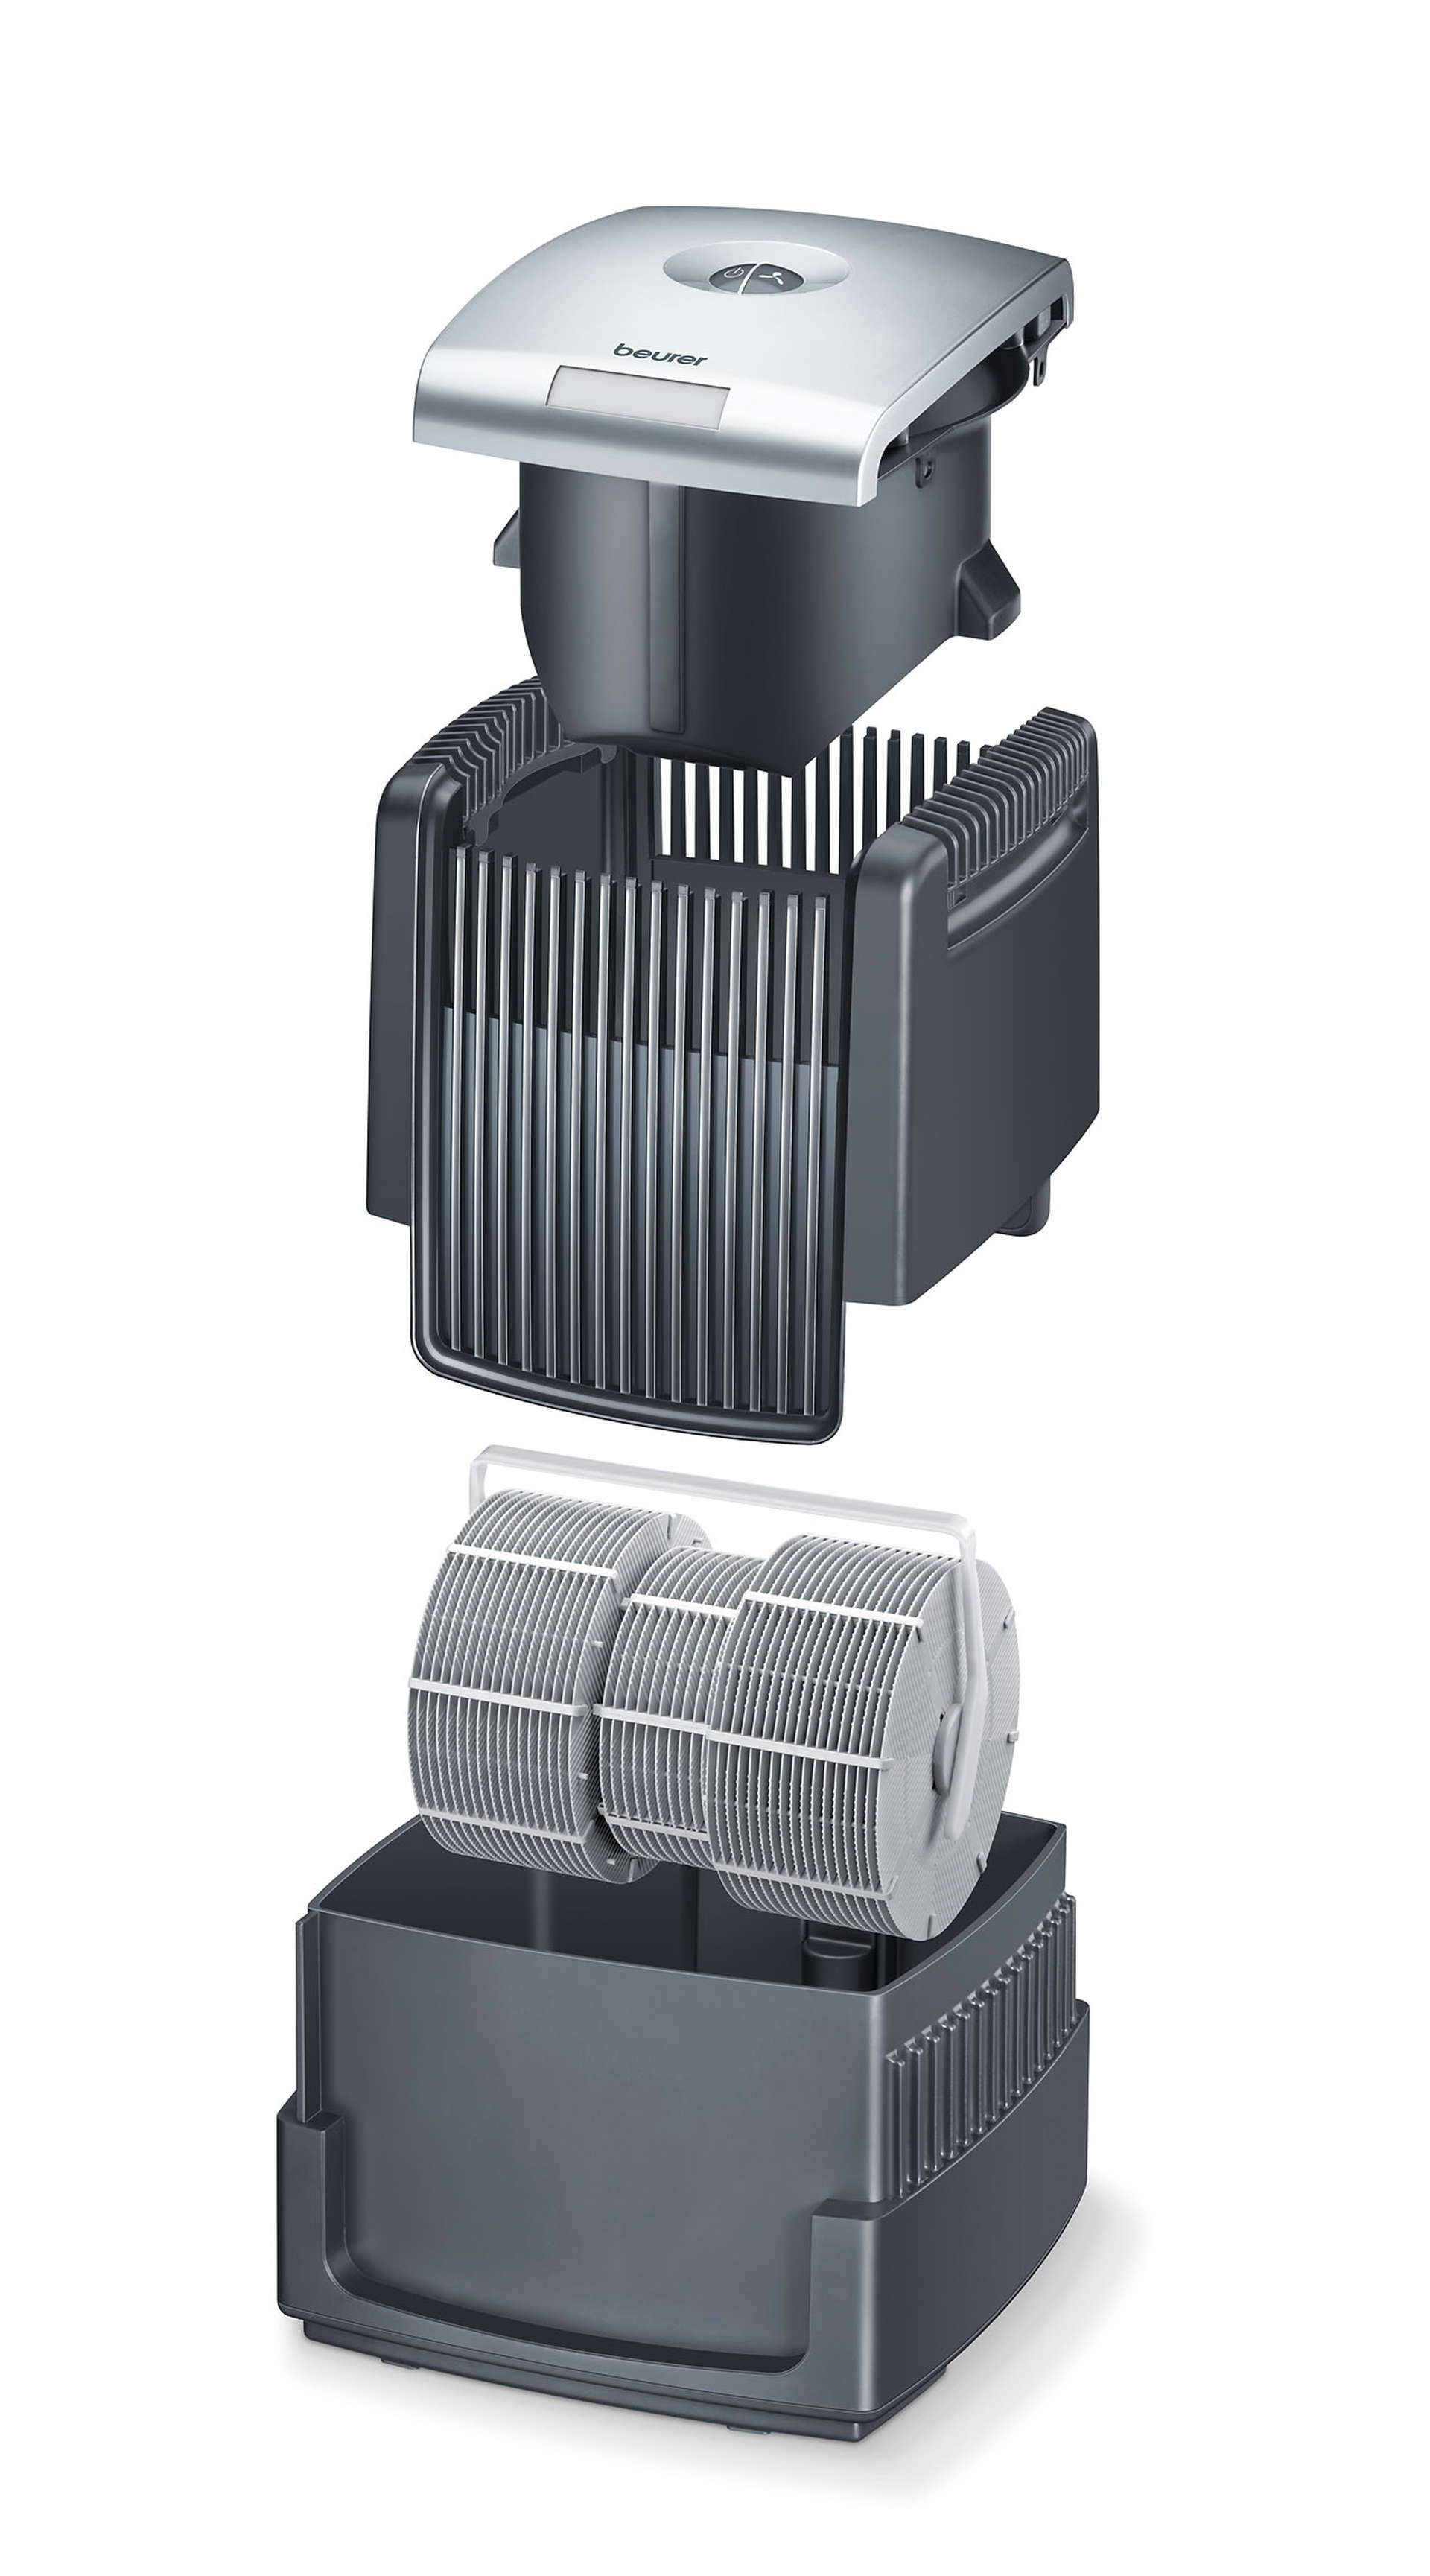 Luftwäscher LW220 Schwarz Innenansicht